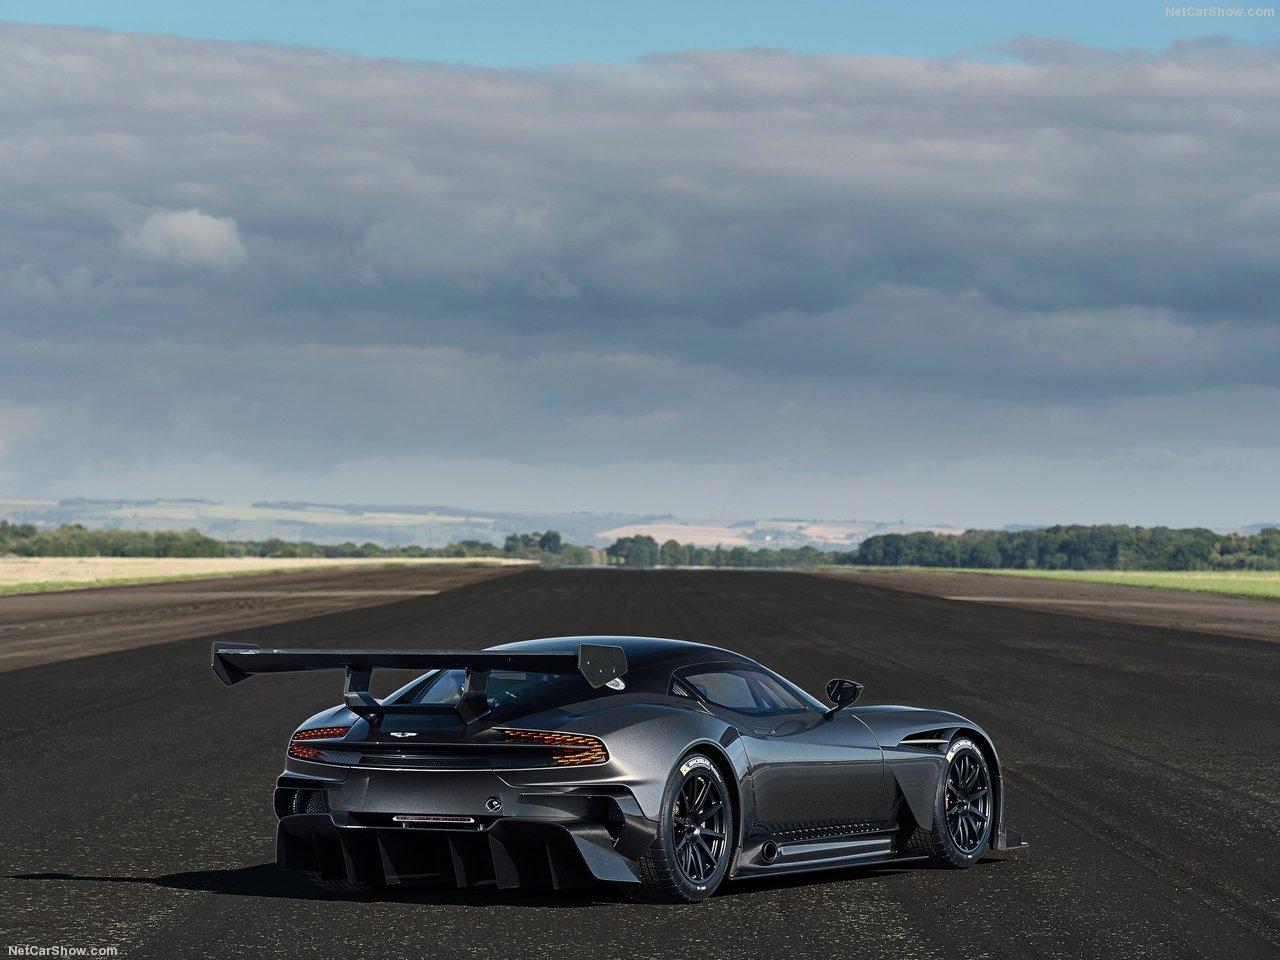 Aston_Martin-Vulcan_2016_1280x960_wallpaper_08